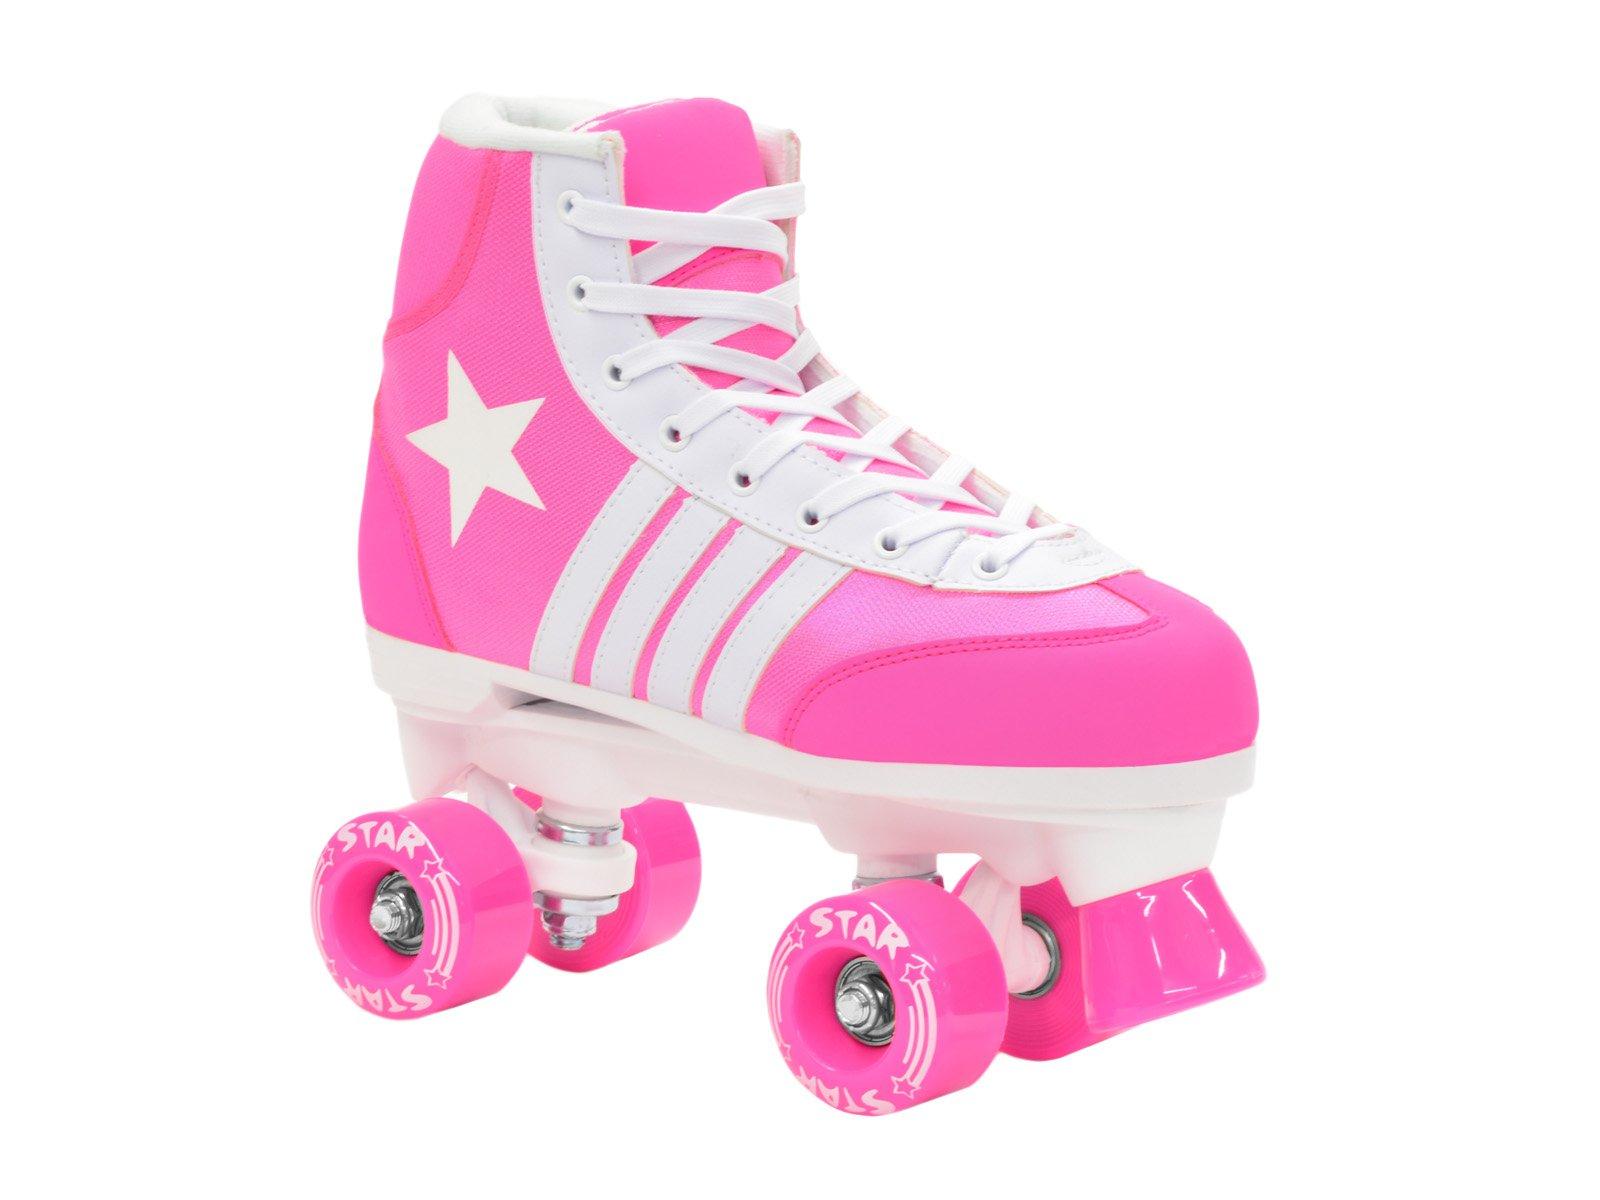 Epic Skates Star Kids Quad Roller Skates, Pink, Youth 2